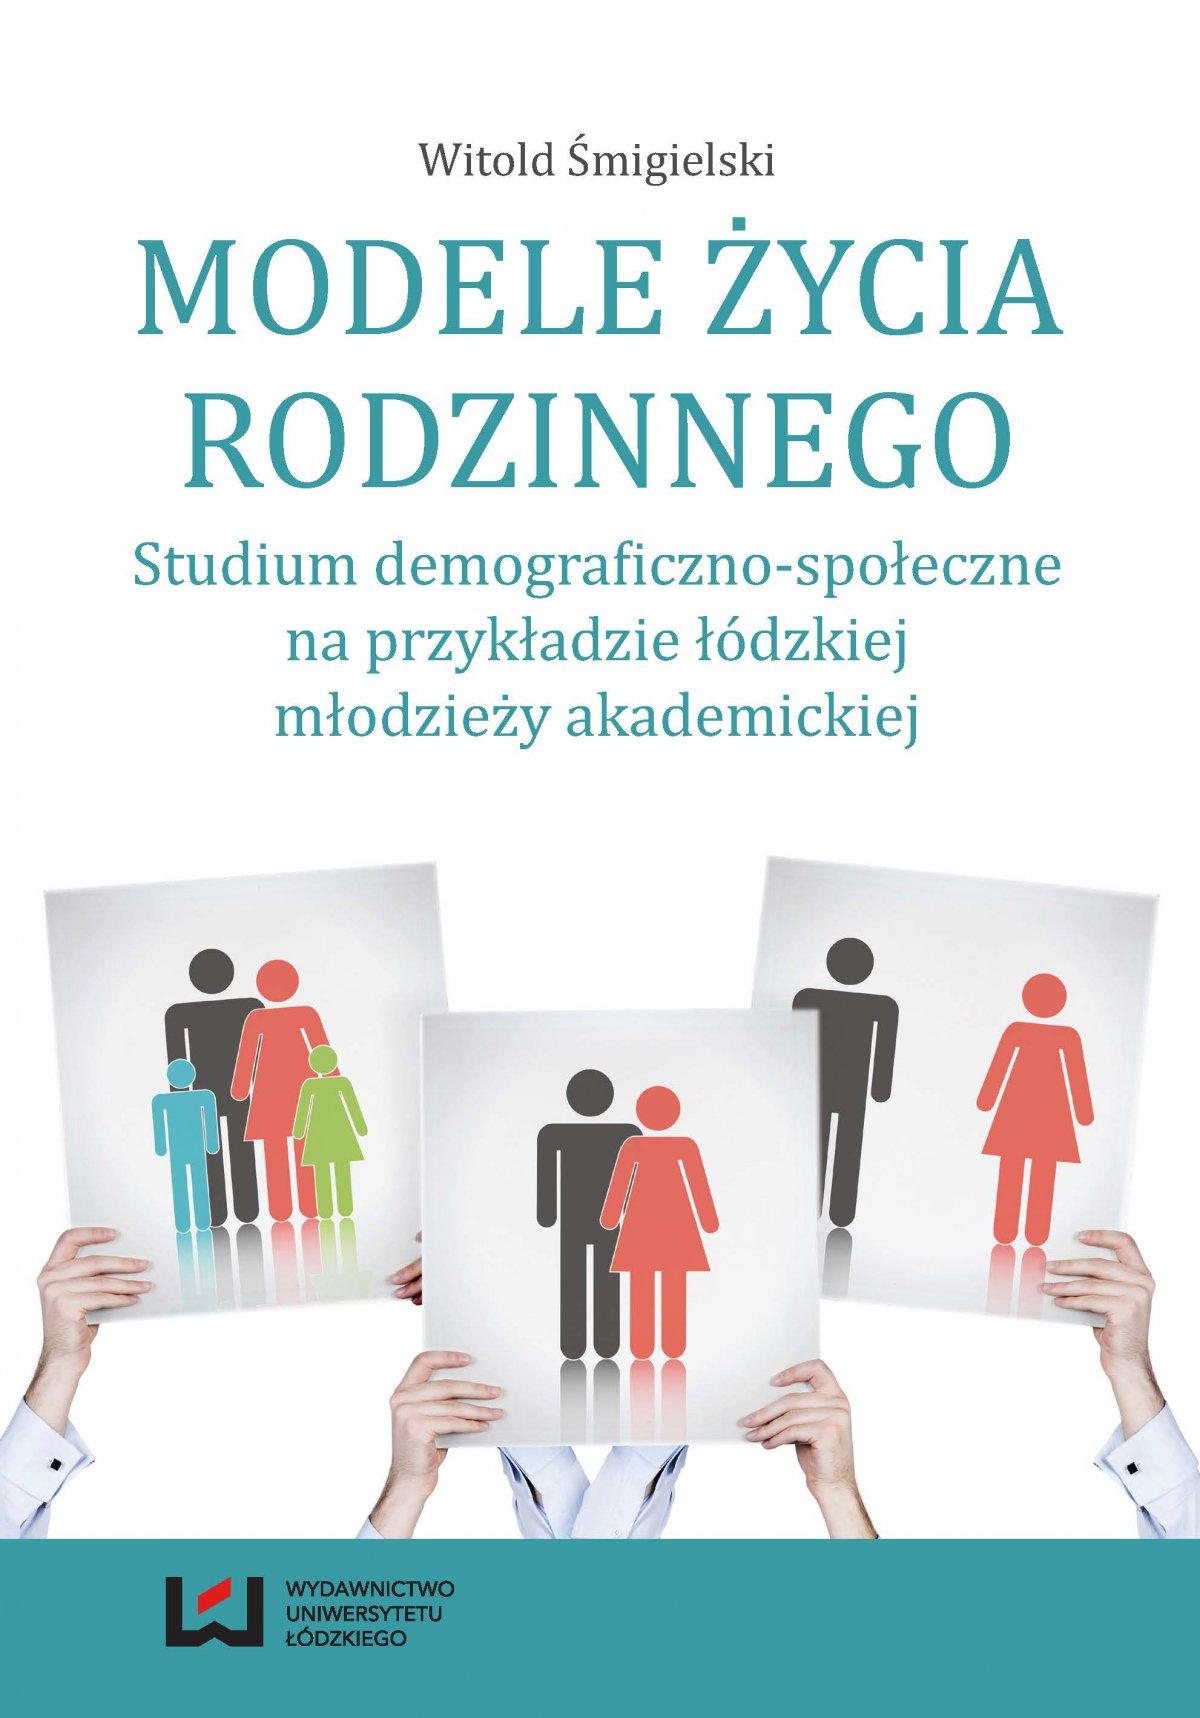 Modele życia rodzinnego. Studium demograficzno-społeczne na przykładzie łódzkiej młodzieży akademickiej - Ebook (Książka PDF) do pobrania w formacie PDF